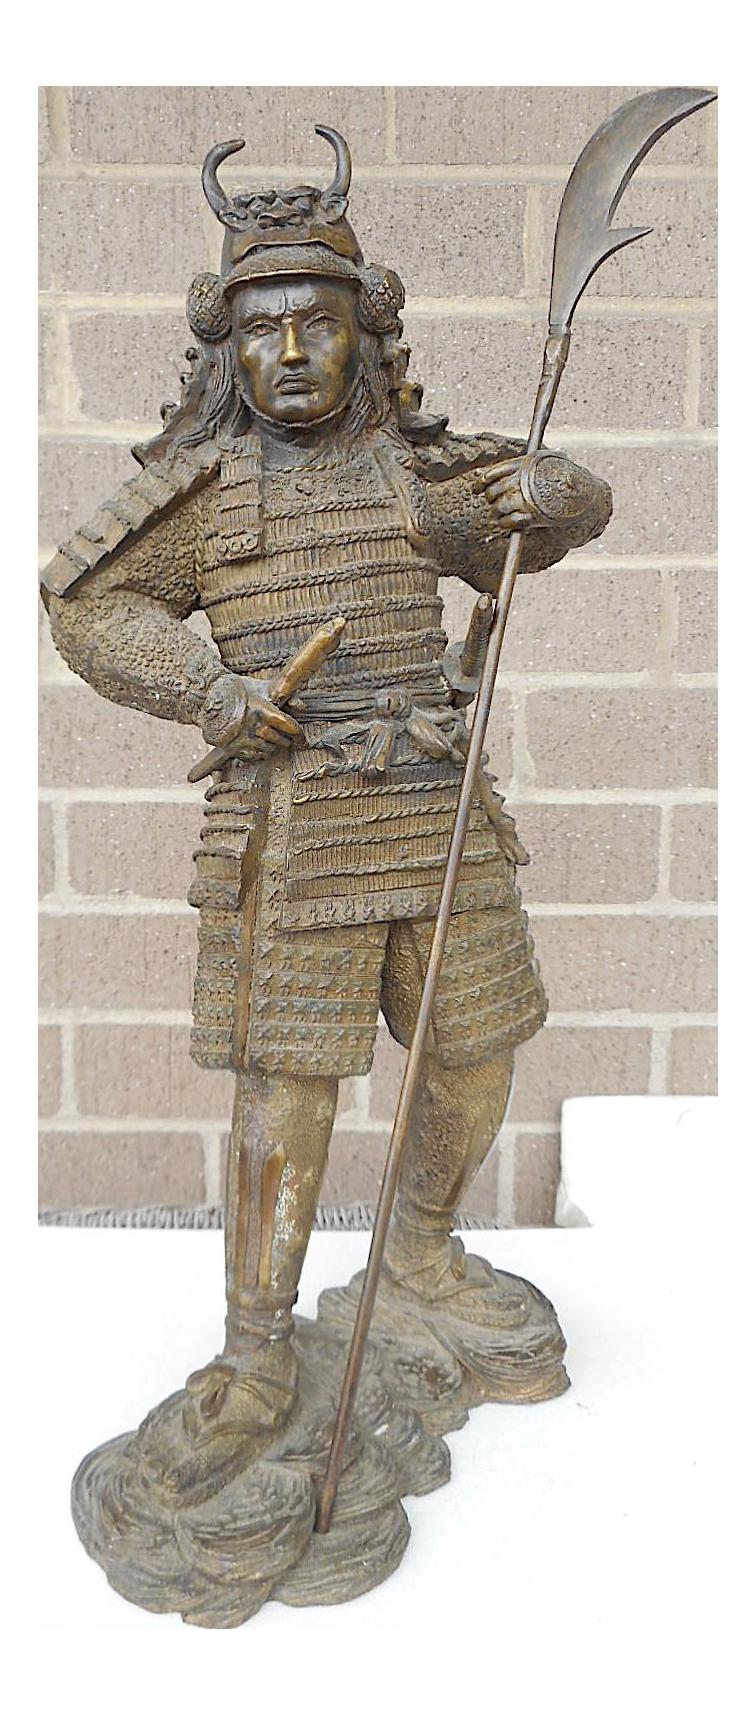 Vintage Bronze Japanese Samurai Warrior Statue Finely Detailed Chairish